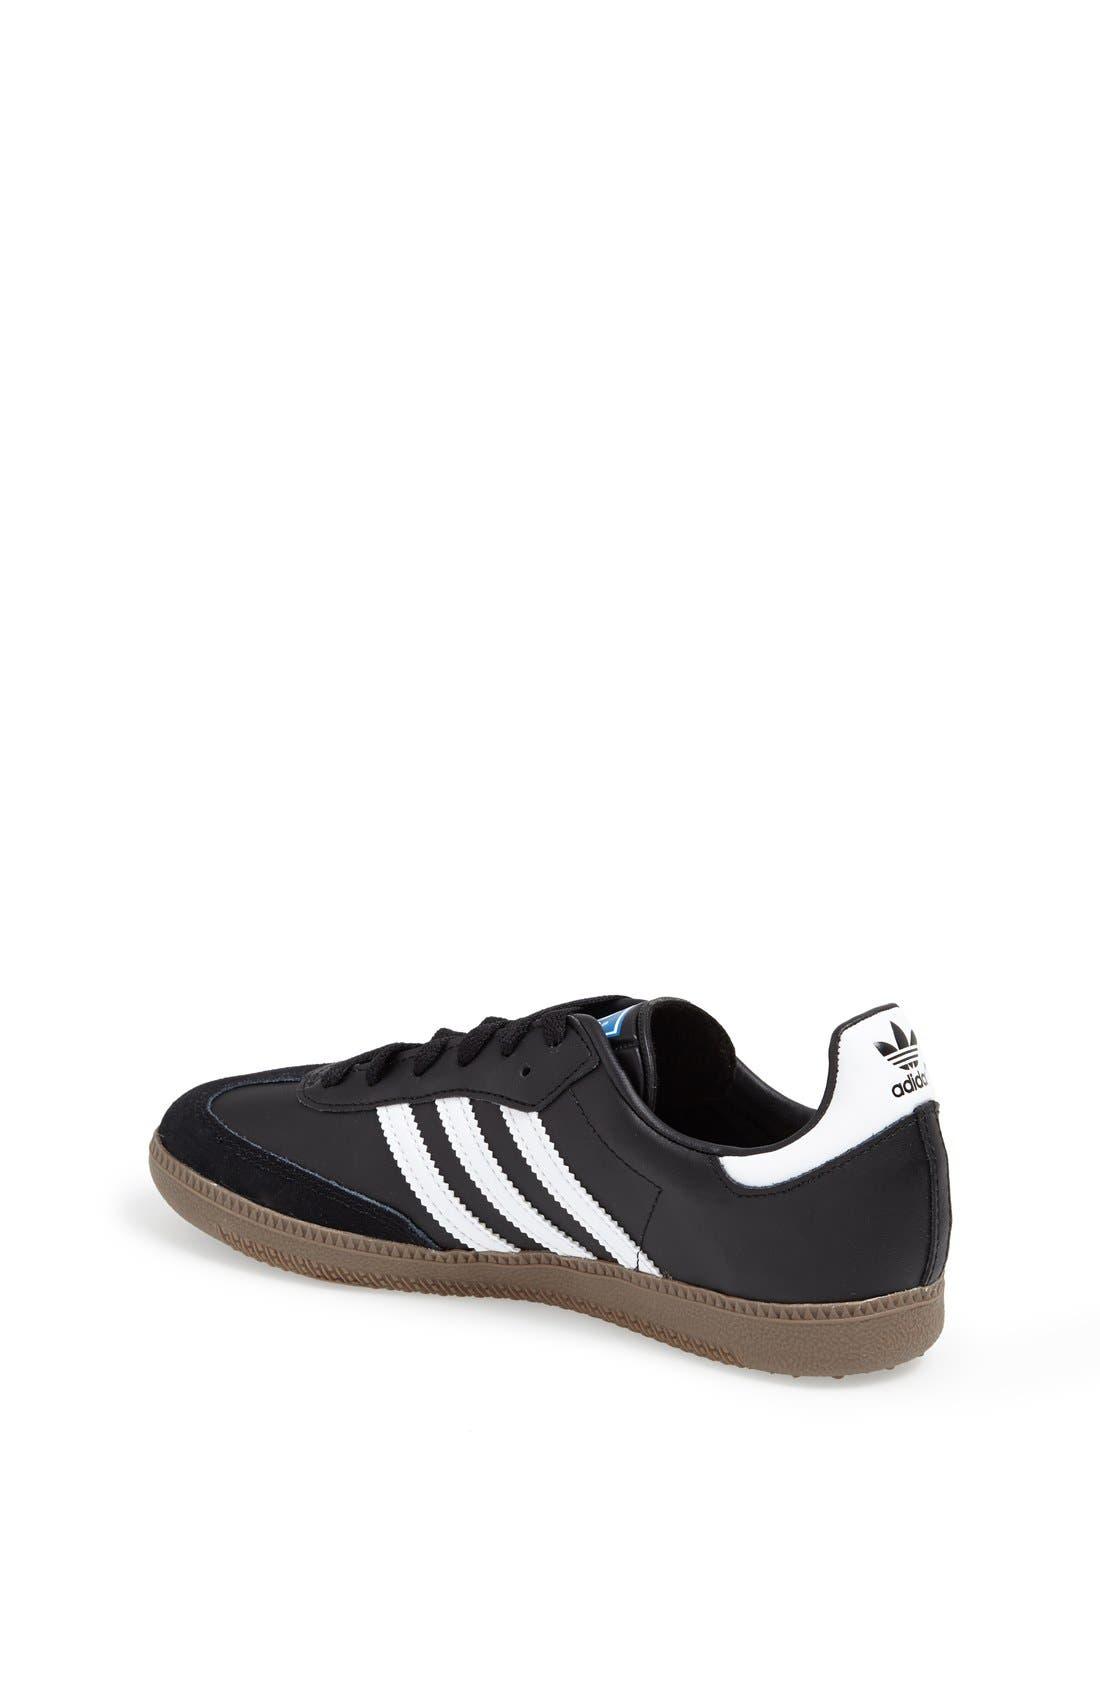 Alternate Image 2  - adidas 'Samba' Sneaker (Toddler, Little Kid & Big Kid)